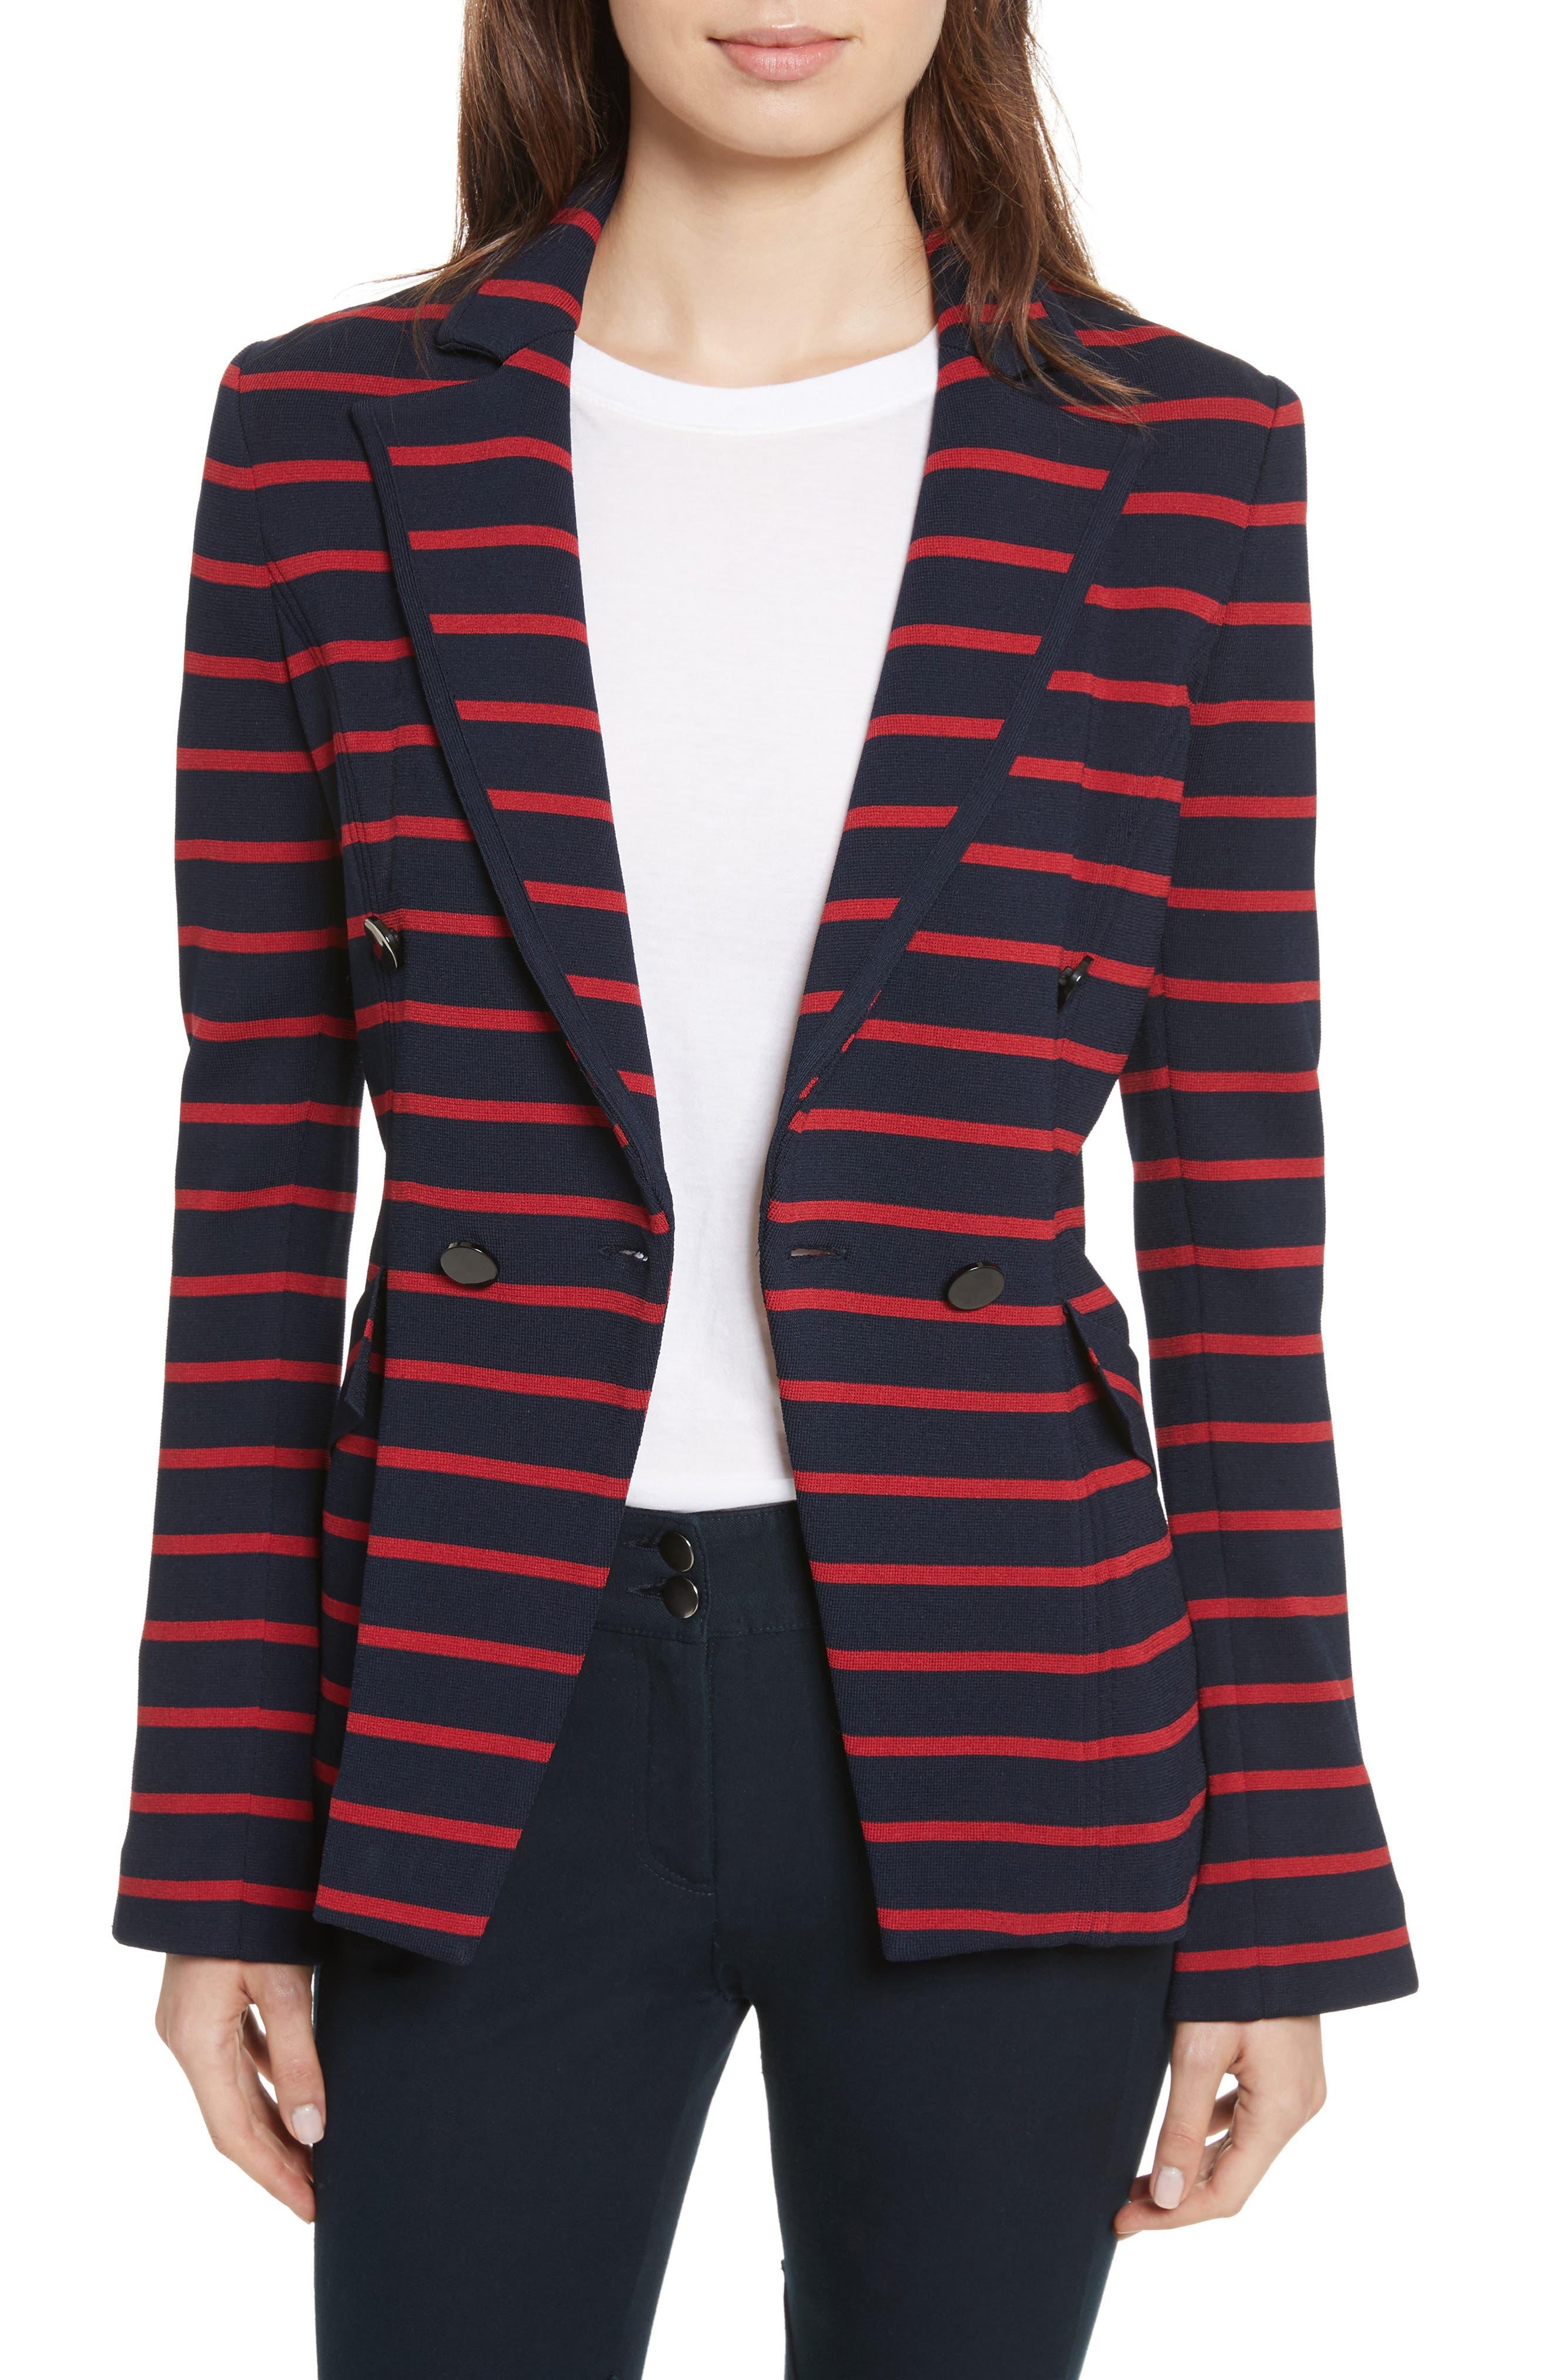 Main Image - Veronica Beard Fontana Stripe Jacket